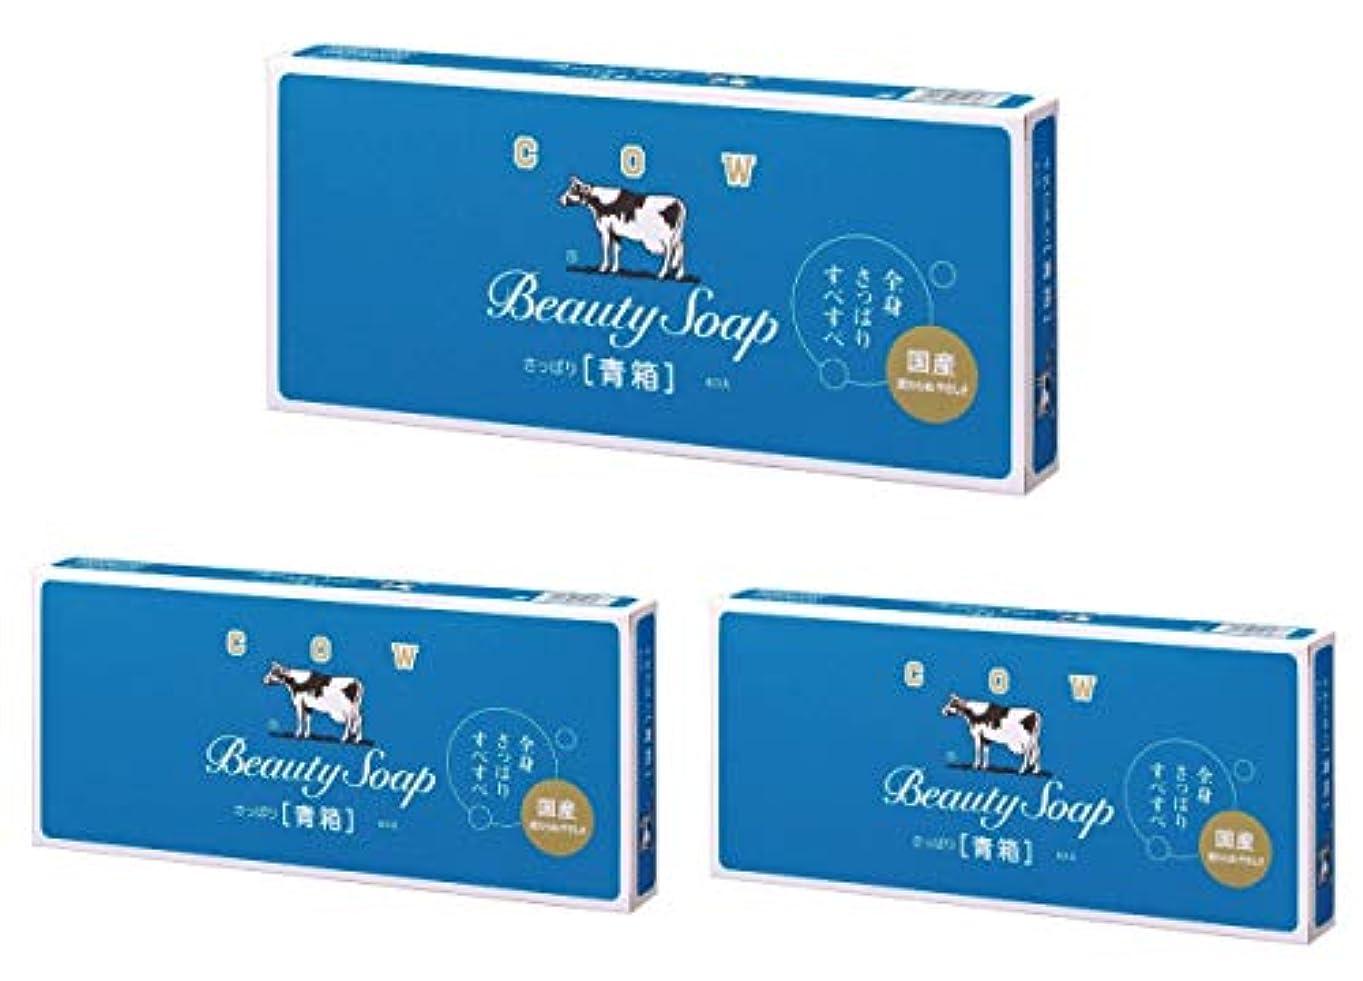 もちろんレイアスイングカウブランド石鹸 青箱 85g 6個 3箱セット